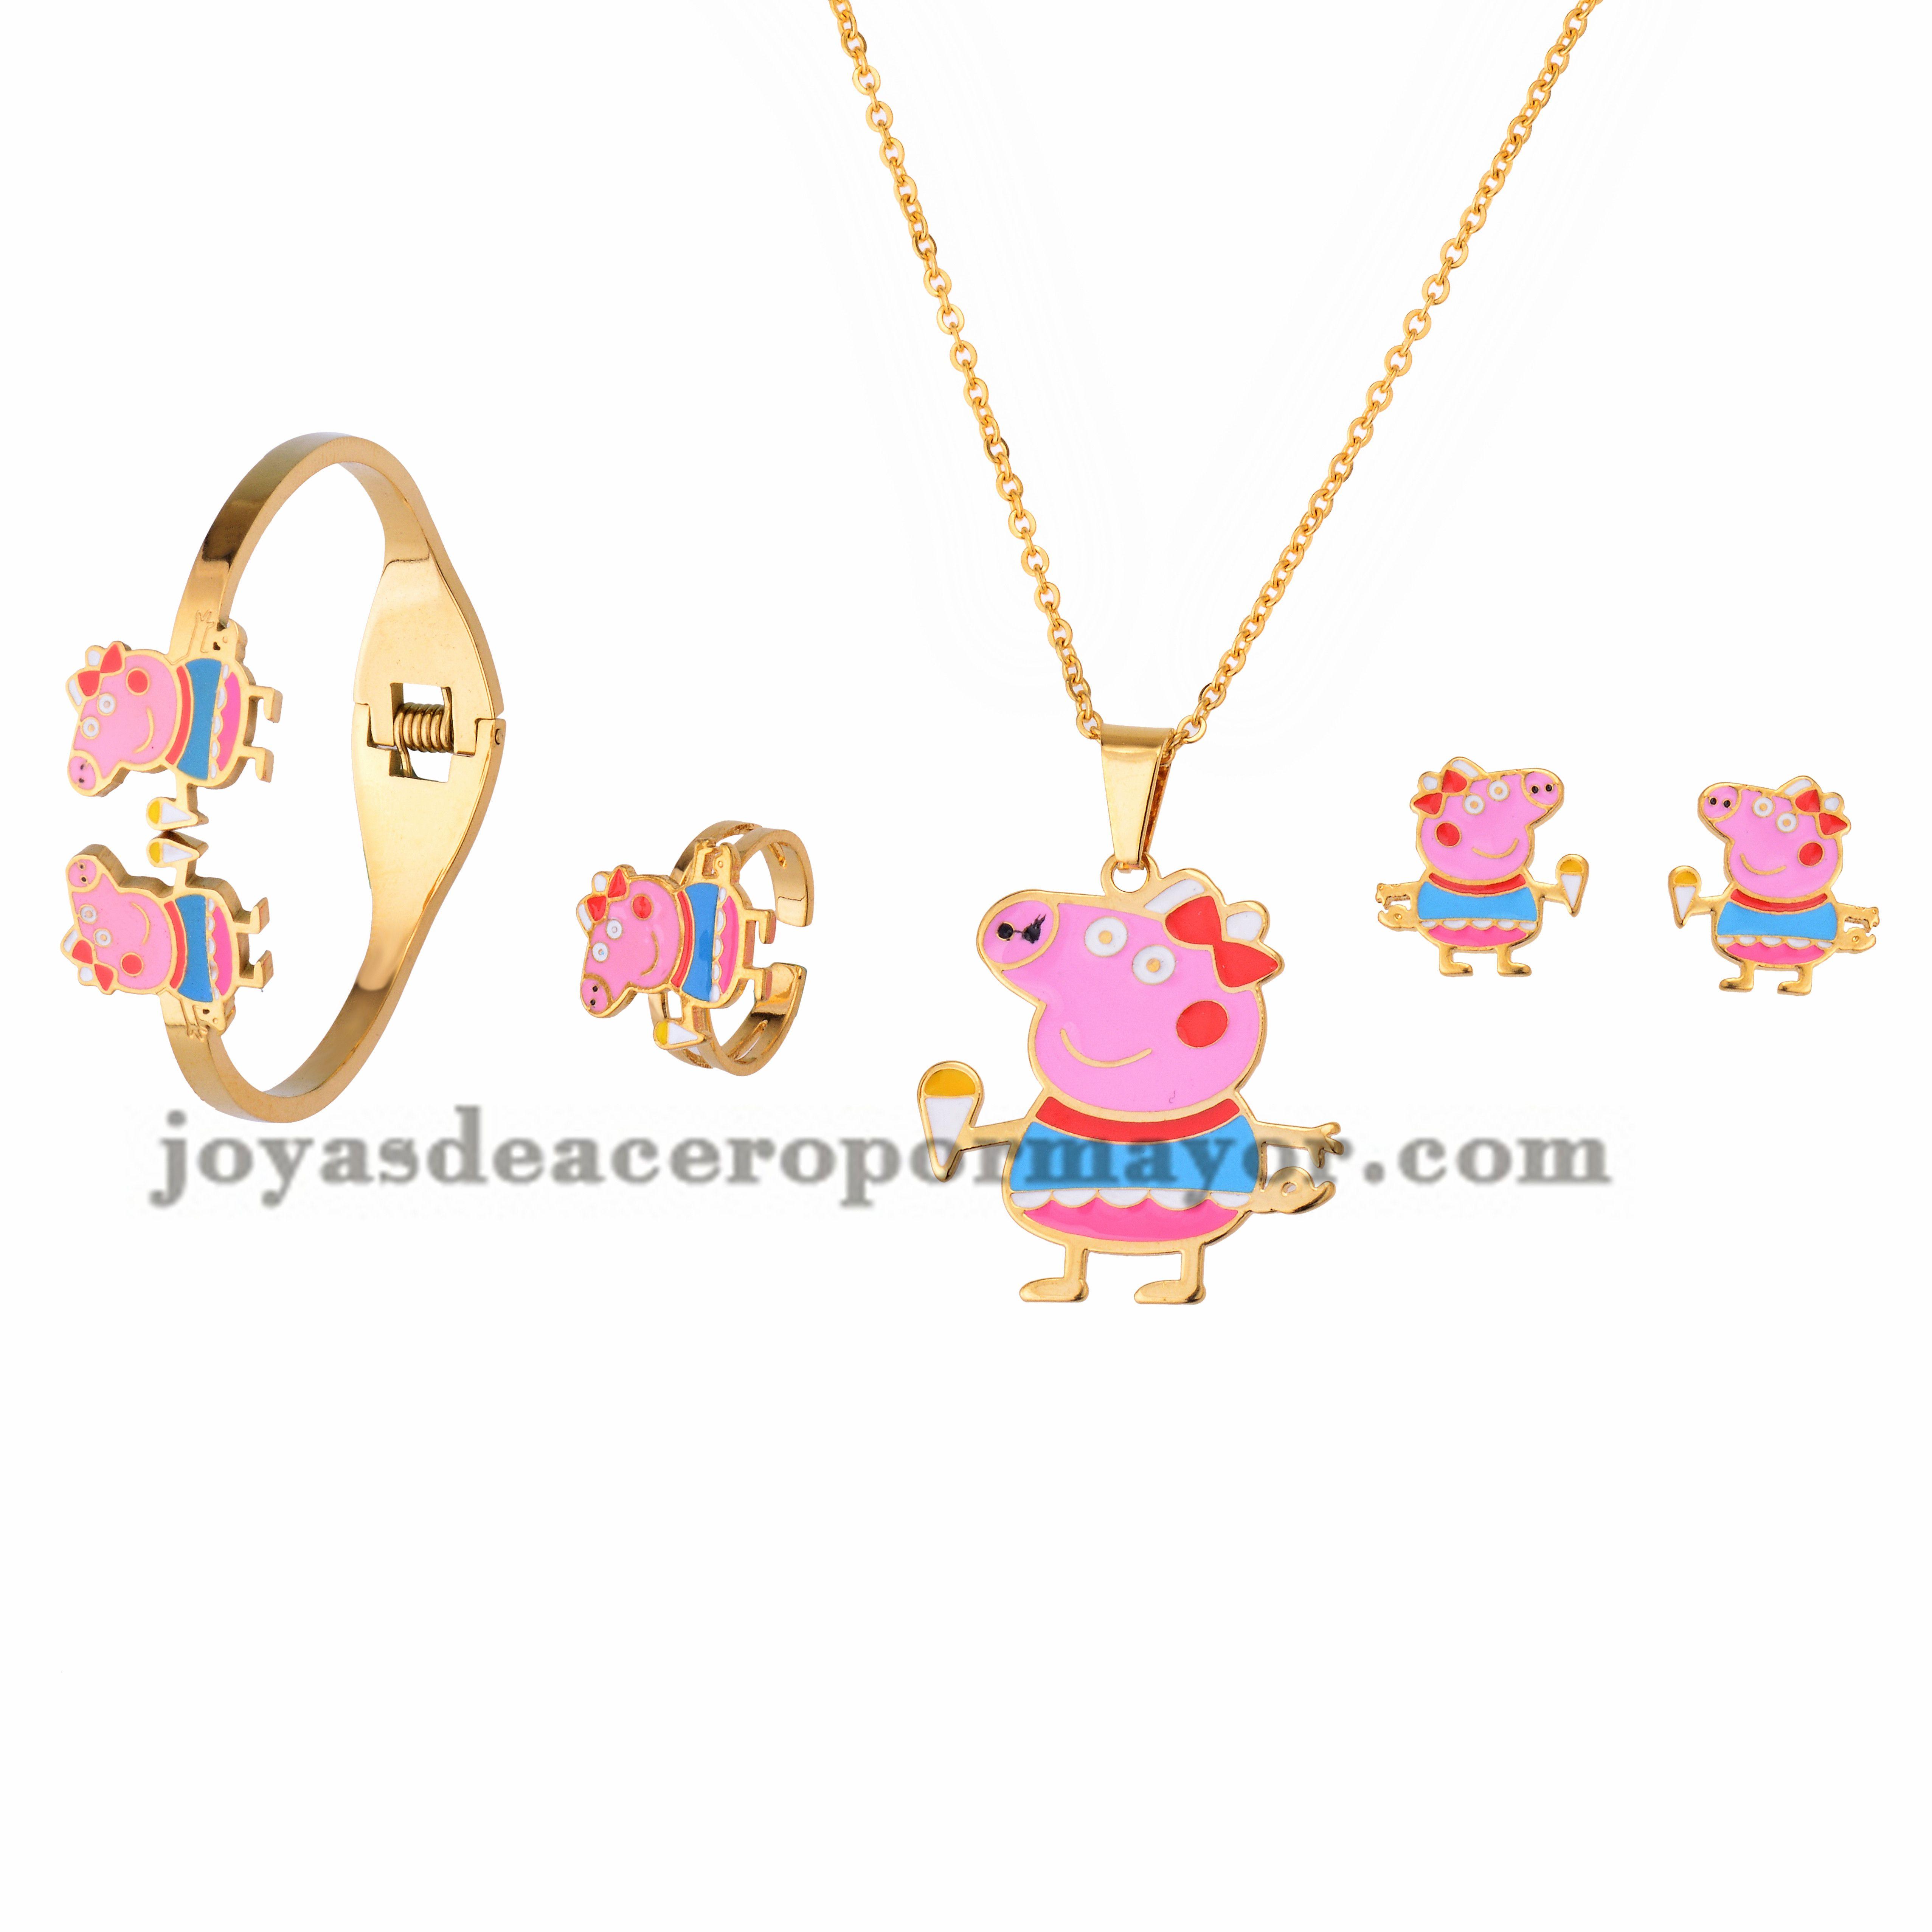 Collar Y Aretes Con Pulsera Y Anillo De Dibujo Animado De Dorado En Jewelry Accessories Gold